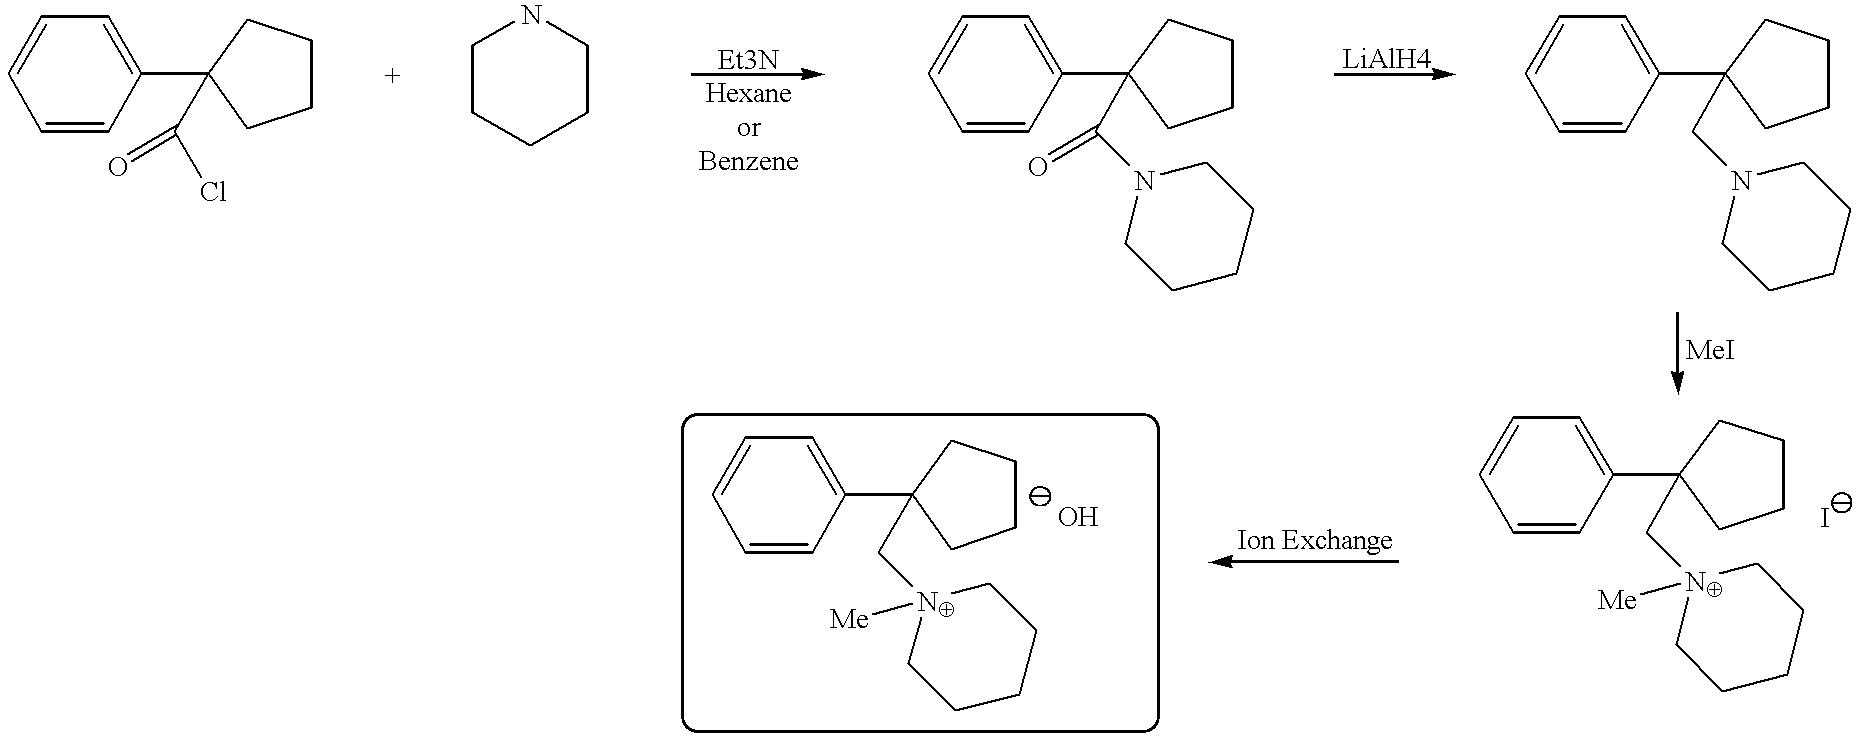 Figure US20020085976A1-20020704-C00037